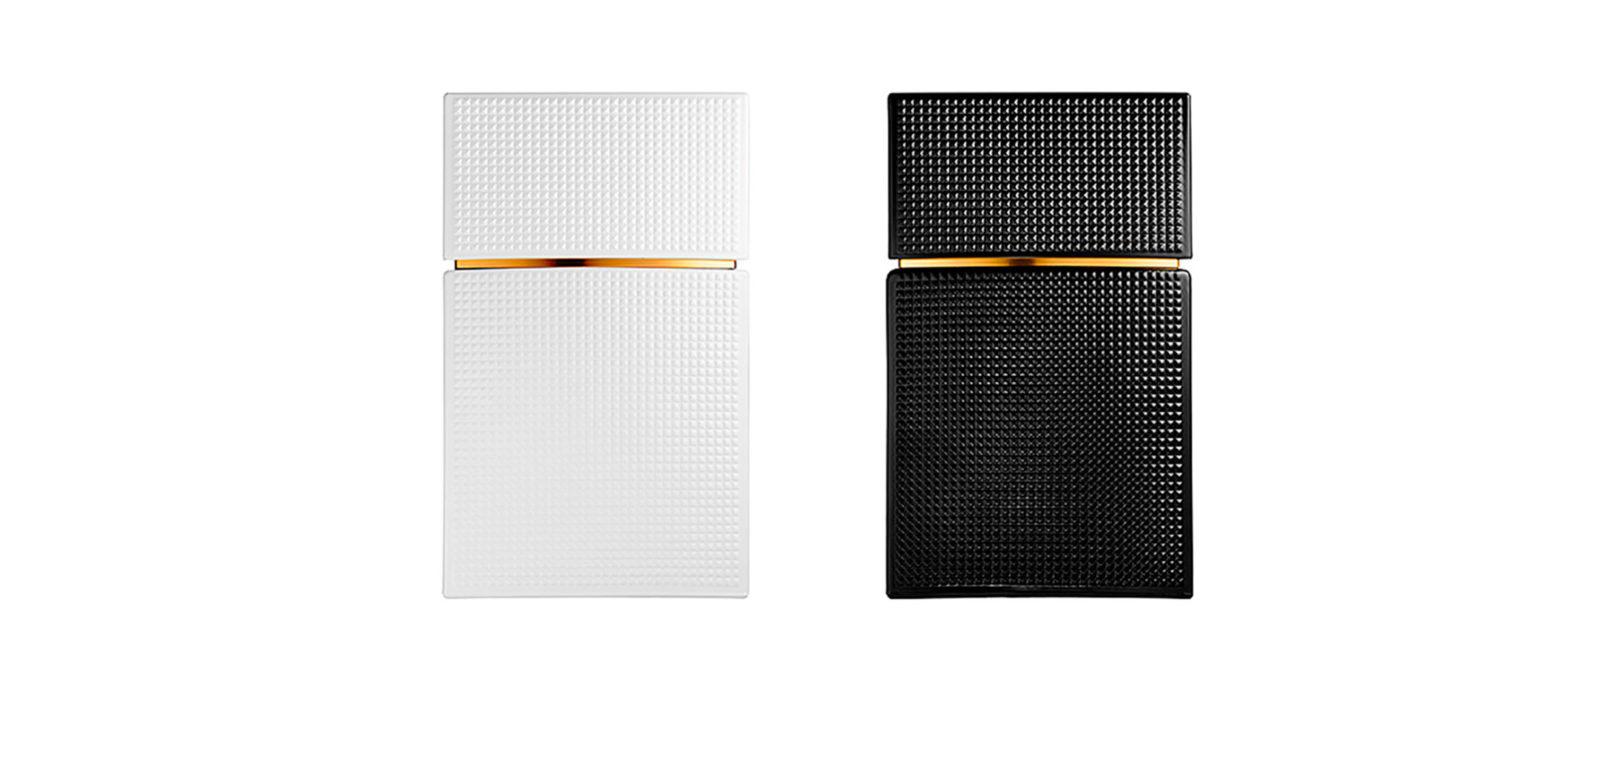 Packaging Design for Elizabeth and James Nirvana